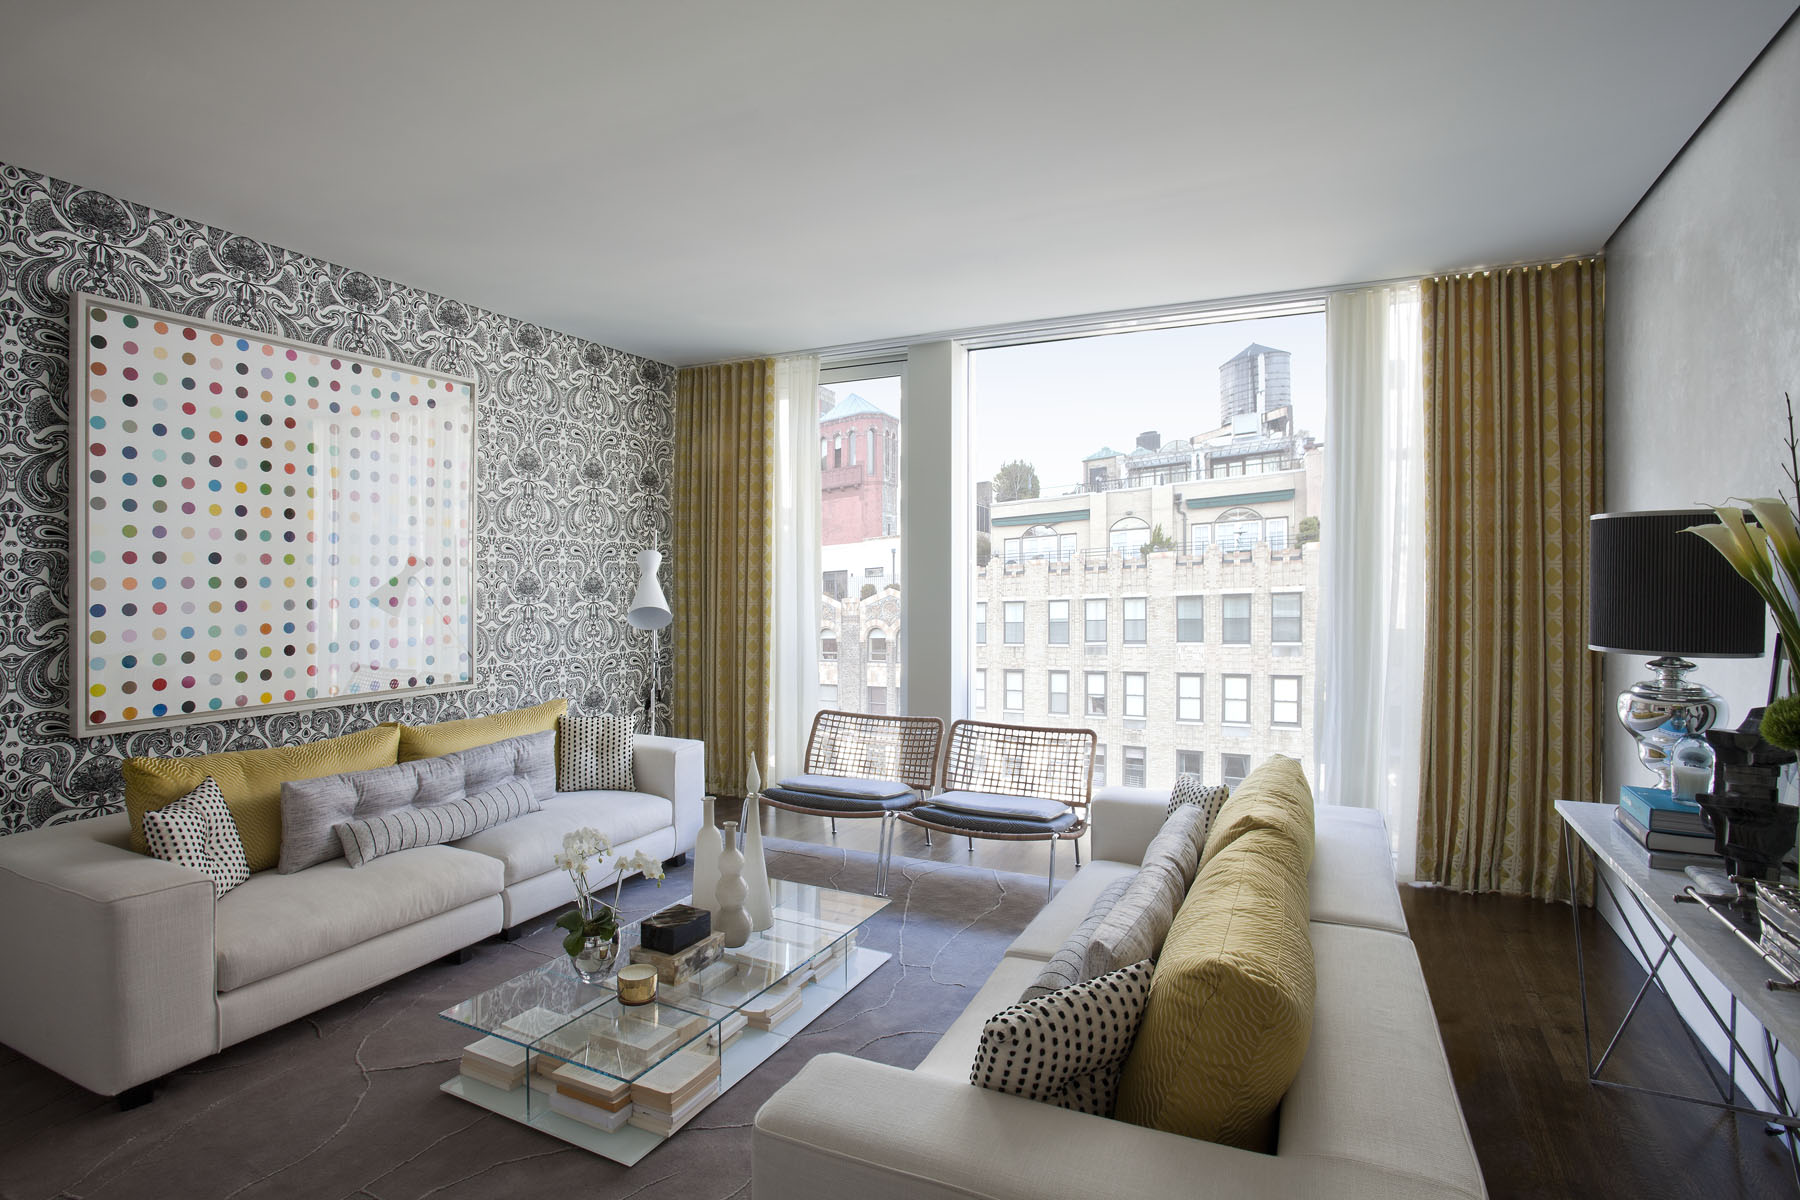 Decoraciones para apartamentos modernos for Decoracion de apartamentos modernos pequenos